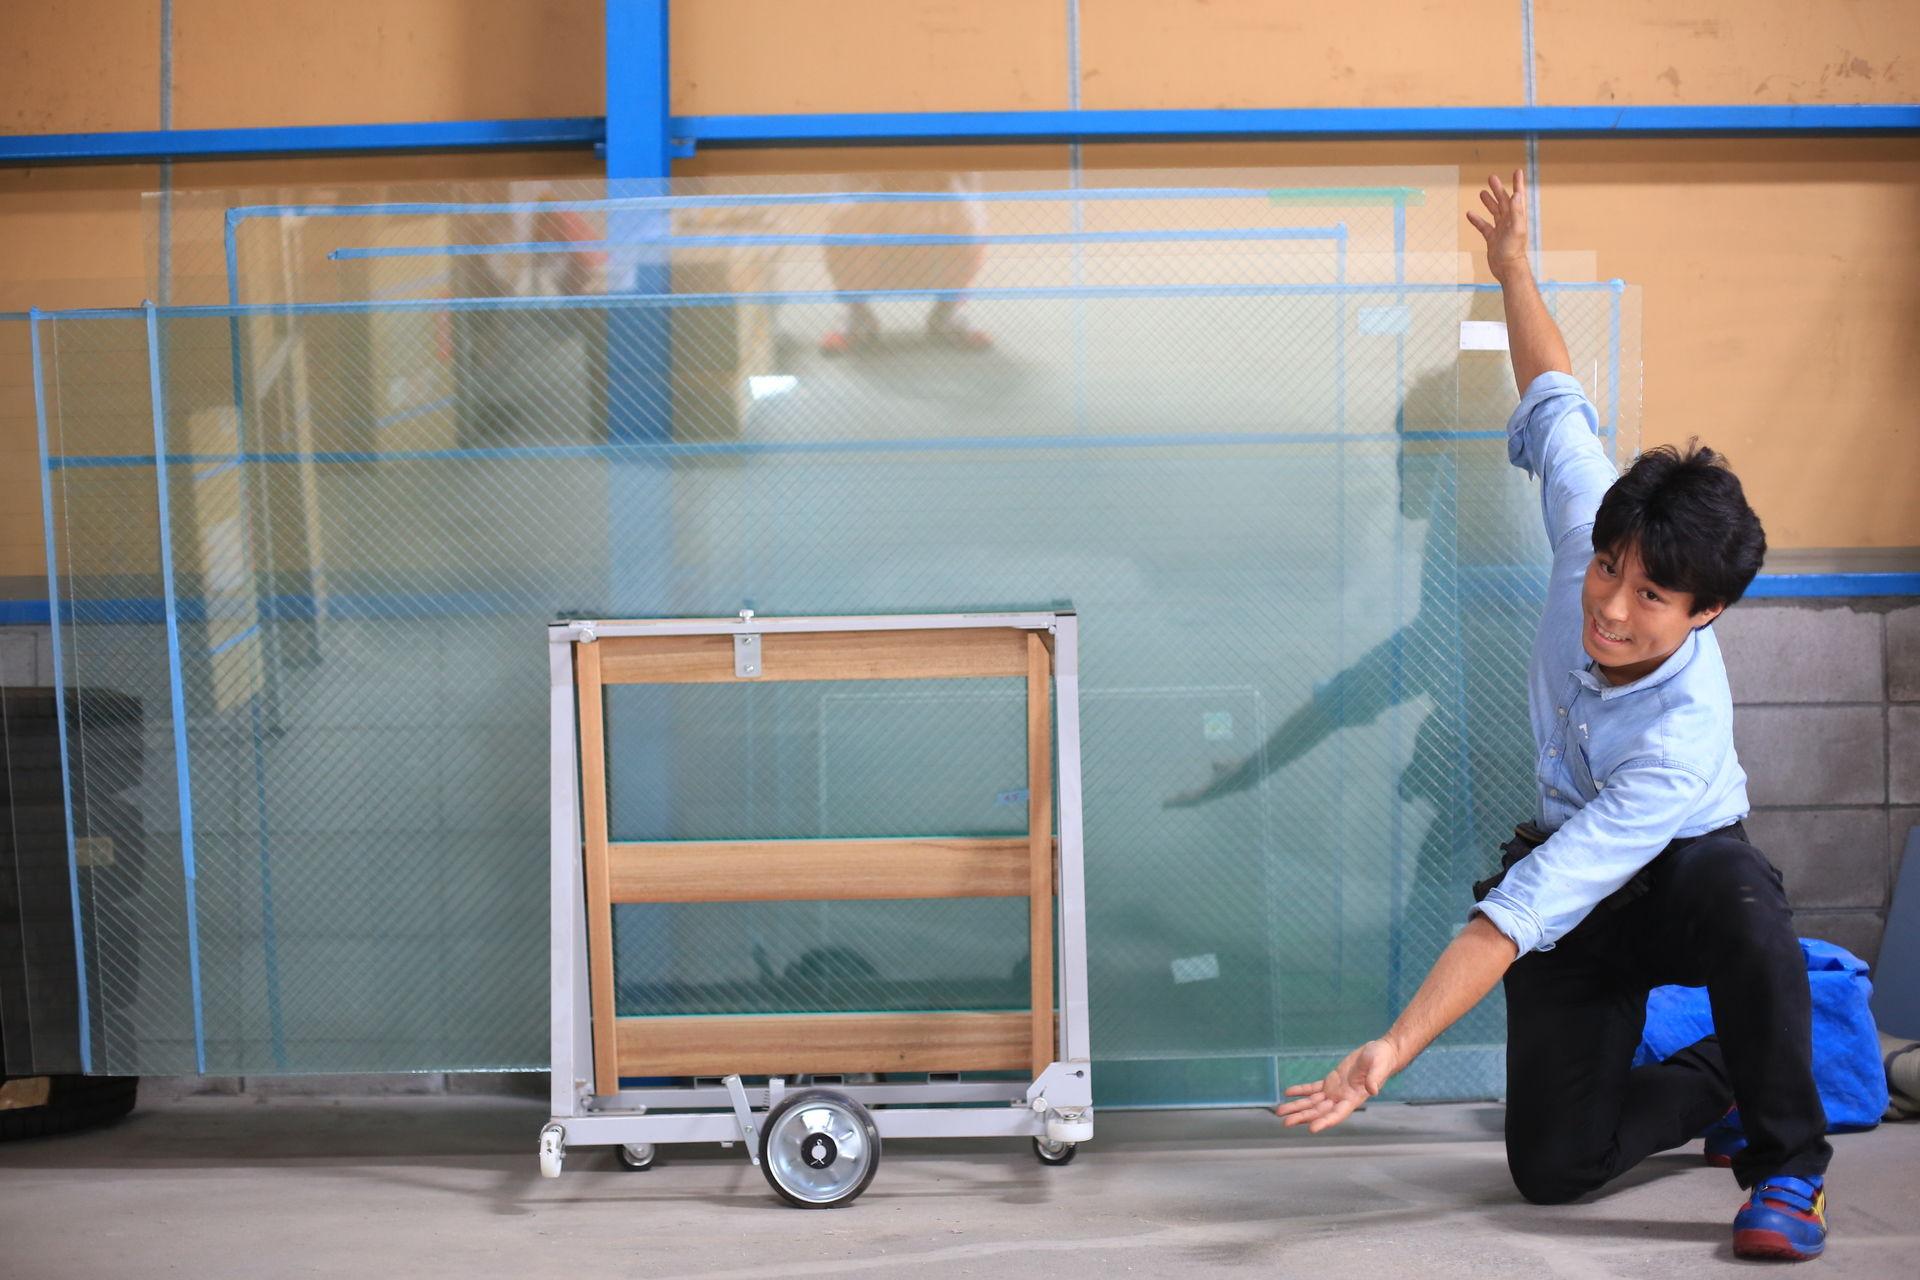 ガラスのトラブル救Q隊.24【名古屋市中川区 出張エリア】の店内・外観画像1